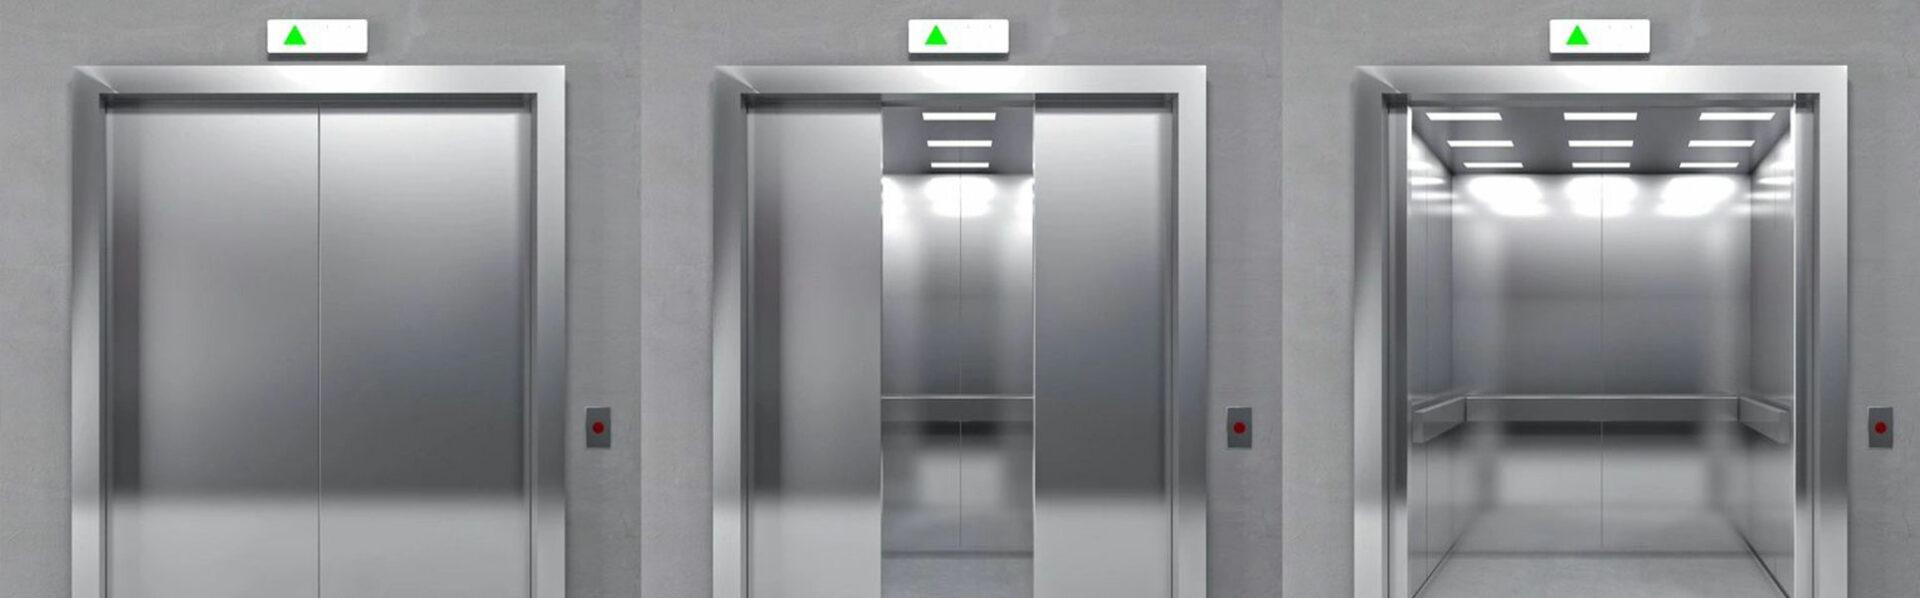 Commercial Elevators Sales Service Florida